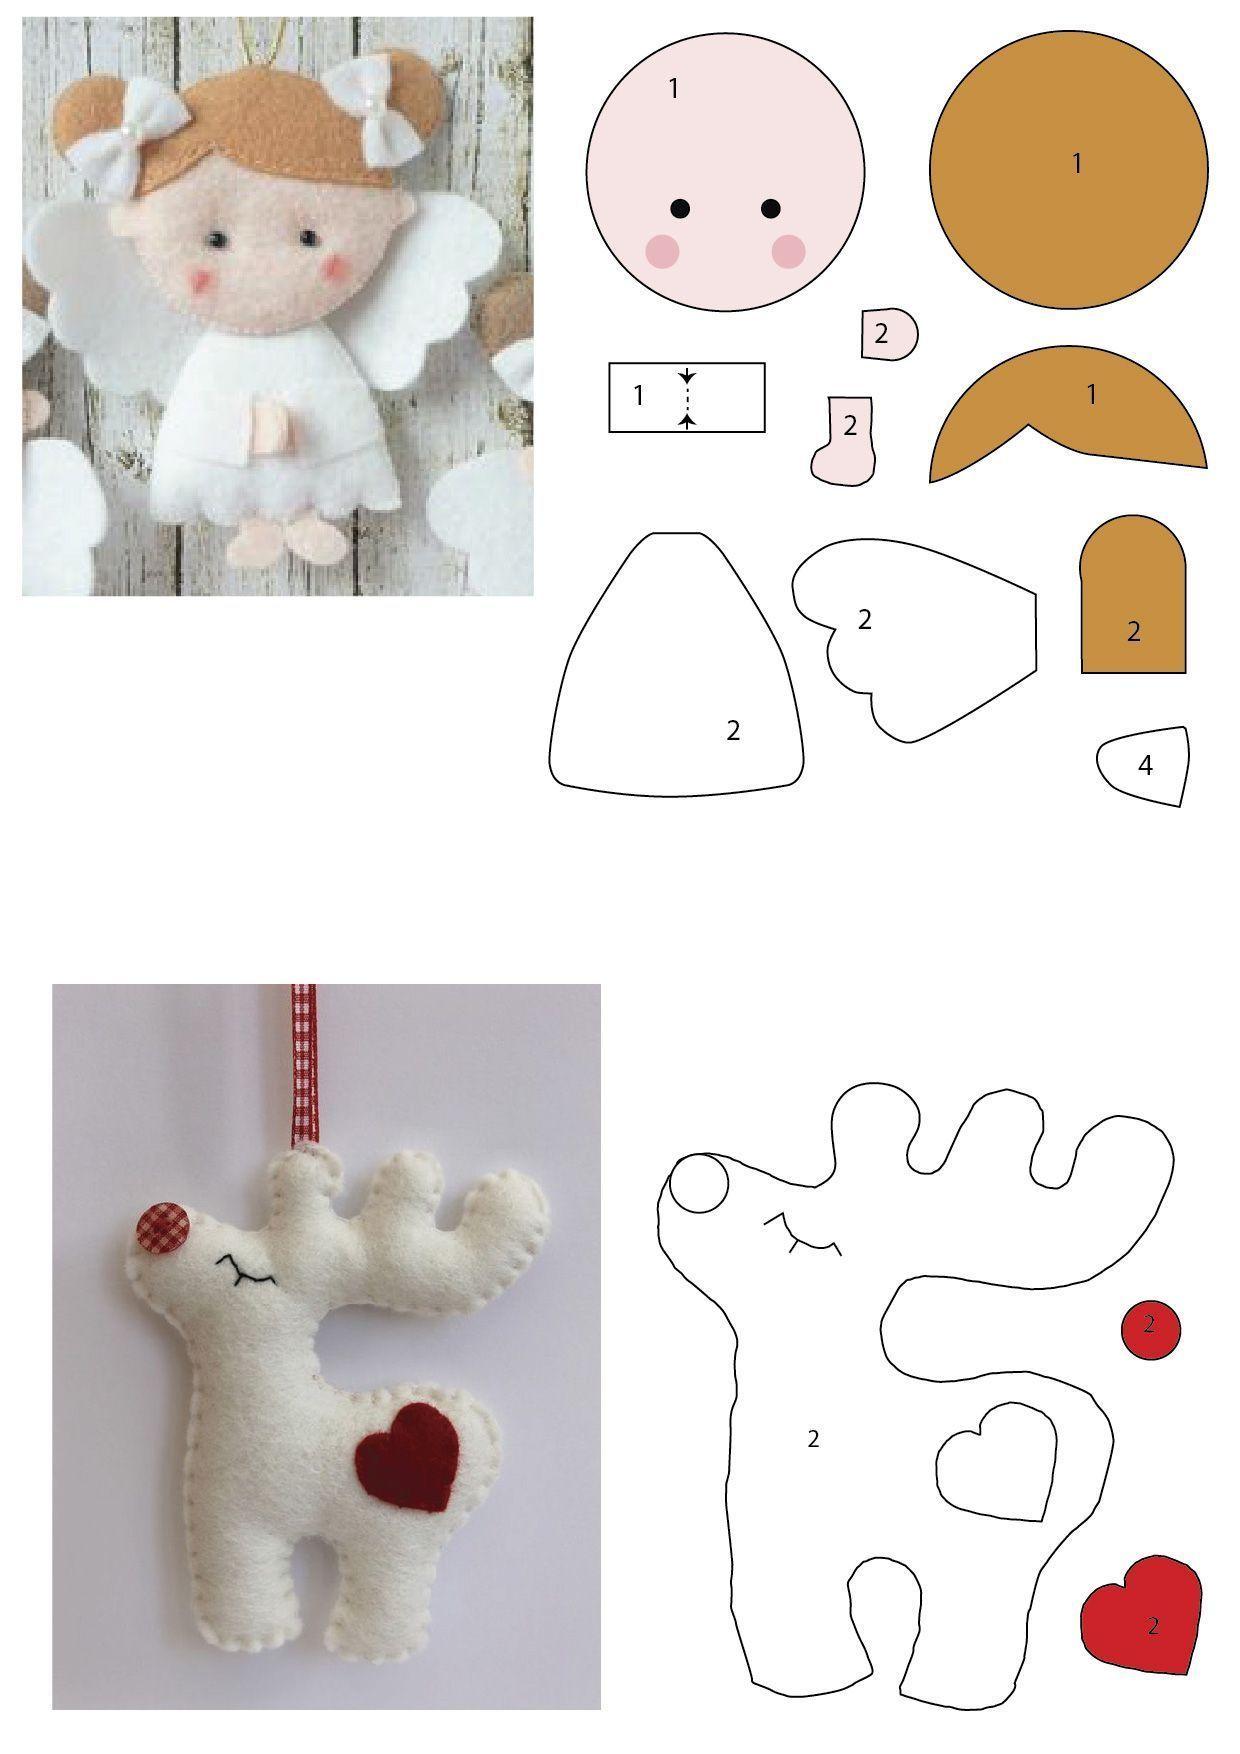 Ritinha Carneiro Artes Manuais Boa Noite A Todos Hoje Tem Moldes Para Quem Trabalha Felt Christmas Ornaments Felt Crafts Christmas Felt Christmas Decorations